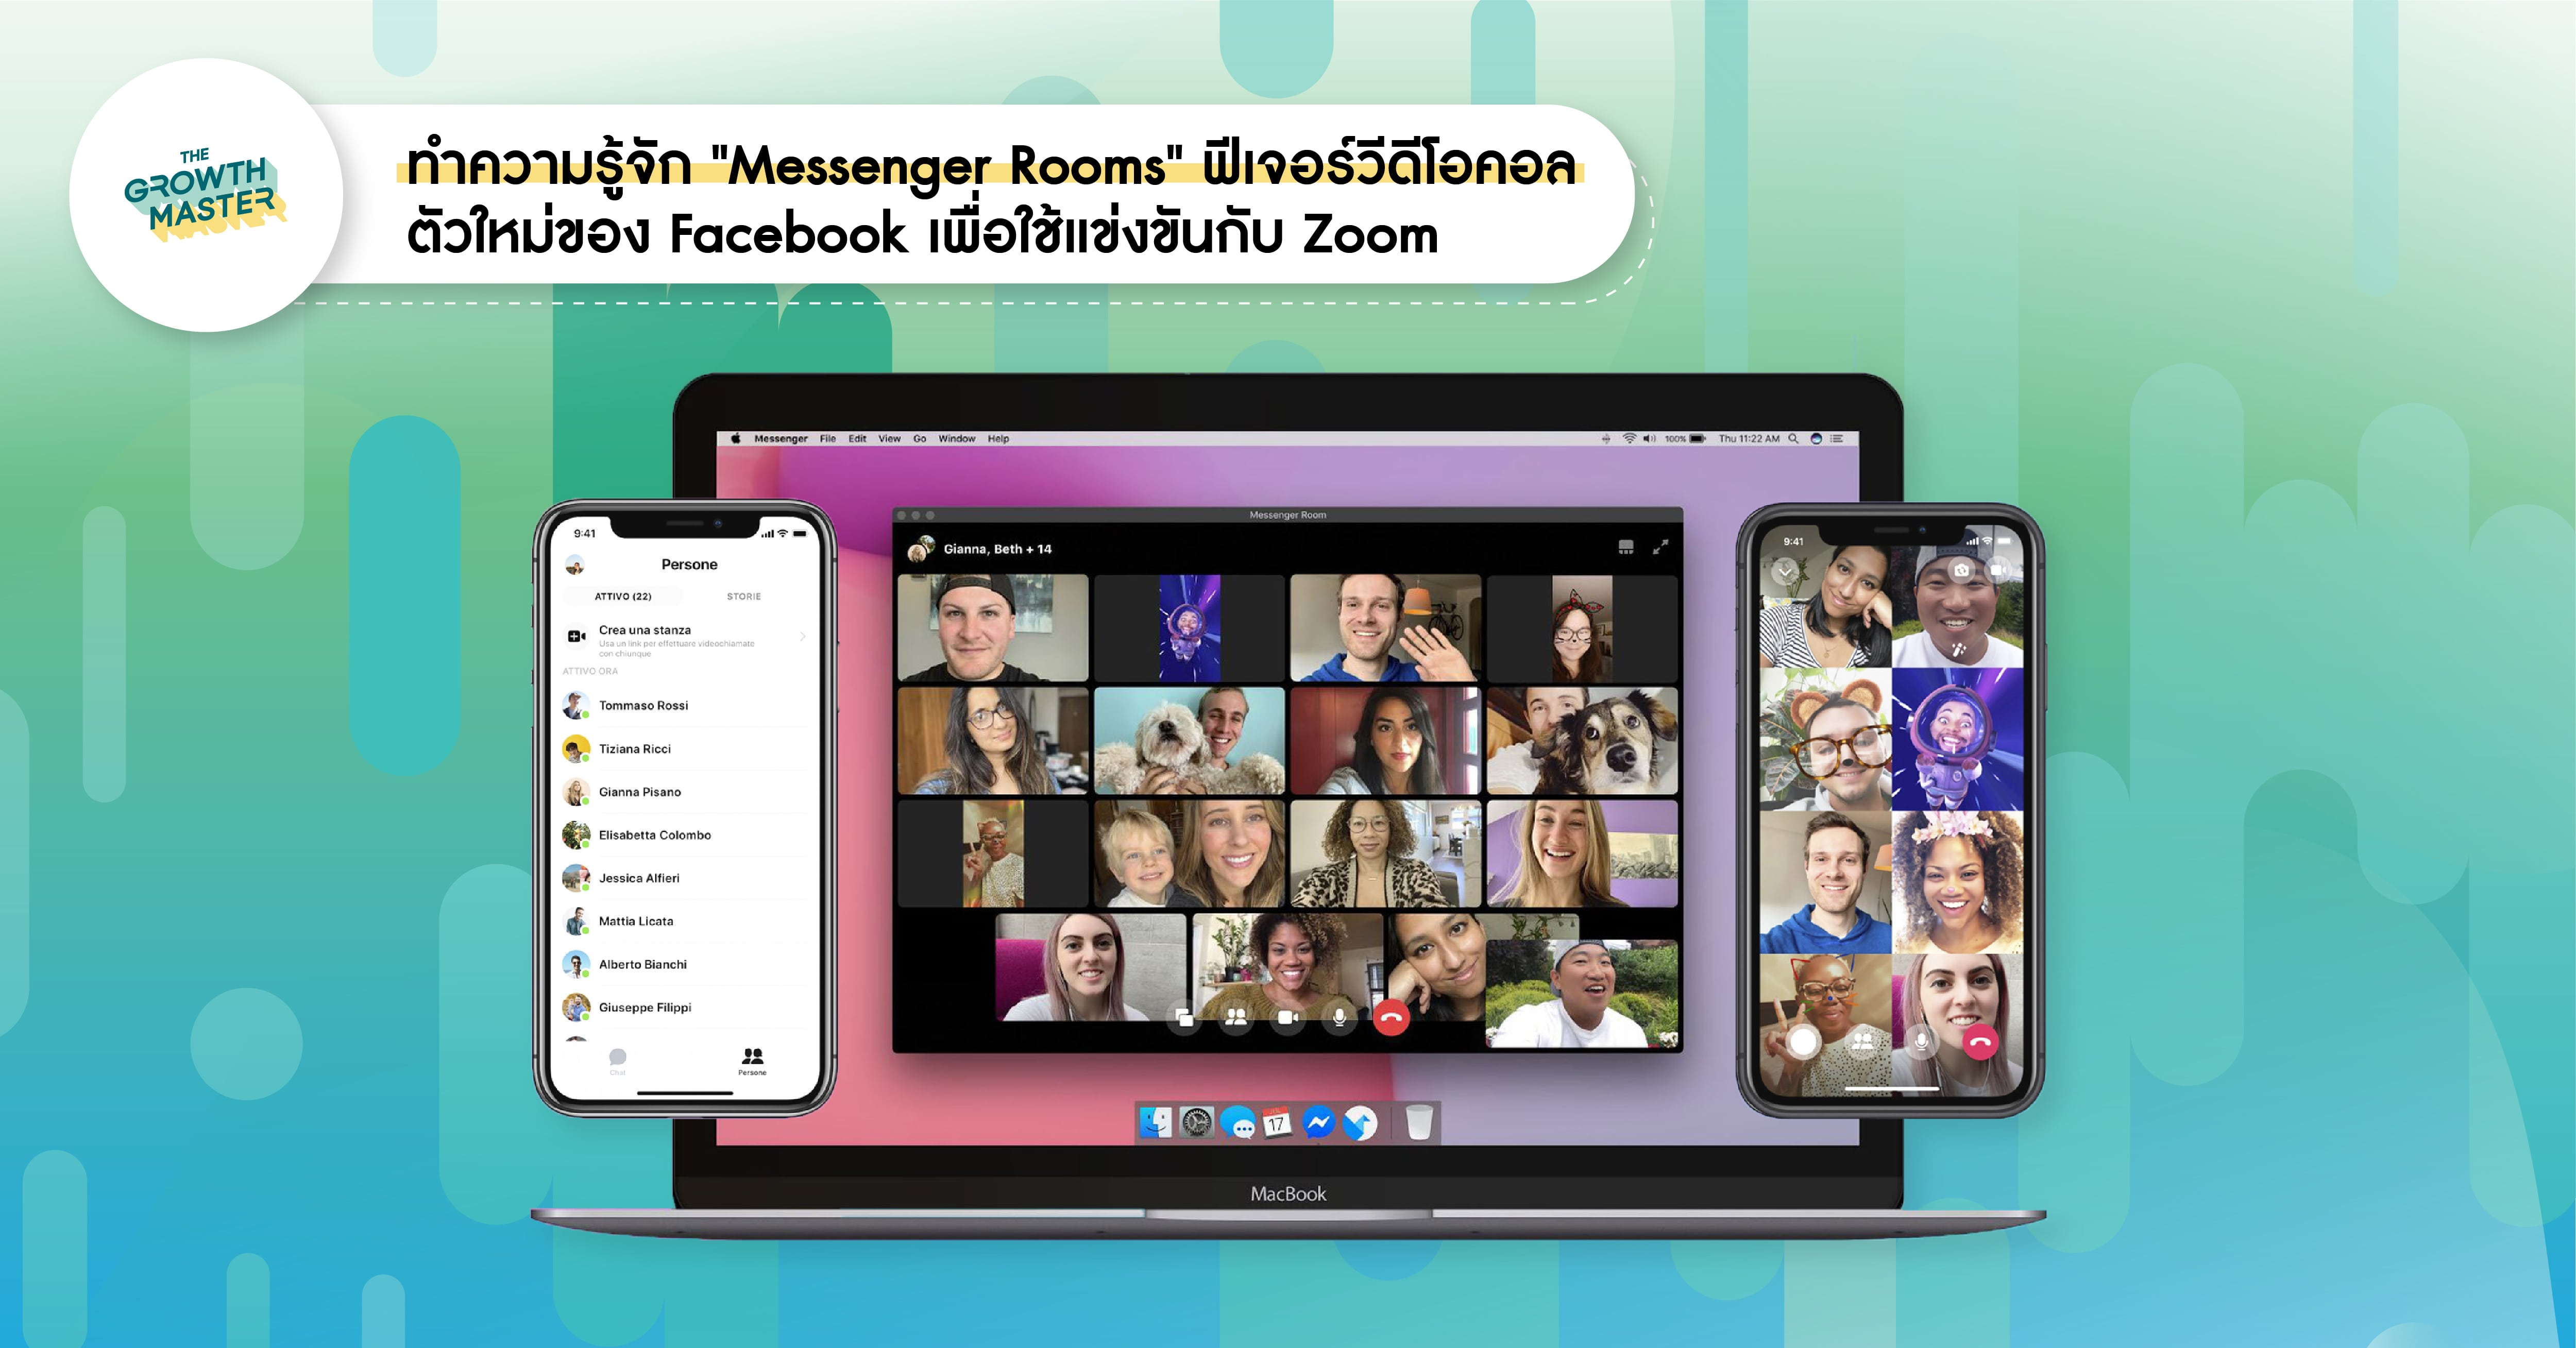 """ทำความรู้จัก """"Messenger Rooms"""" ฟีเจอร์วีดีโอคอลตัวใหม่ของ Facebook เพื่อใช้แข่งขันกับ Zoom"""